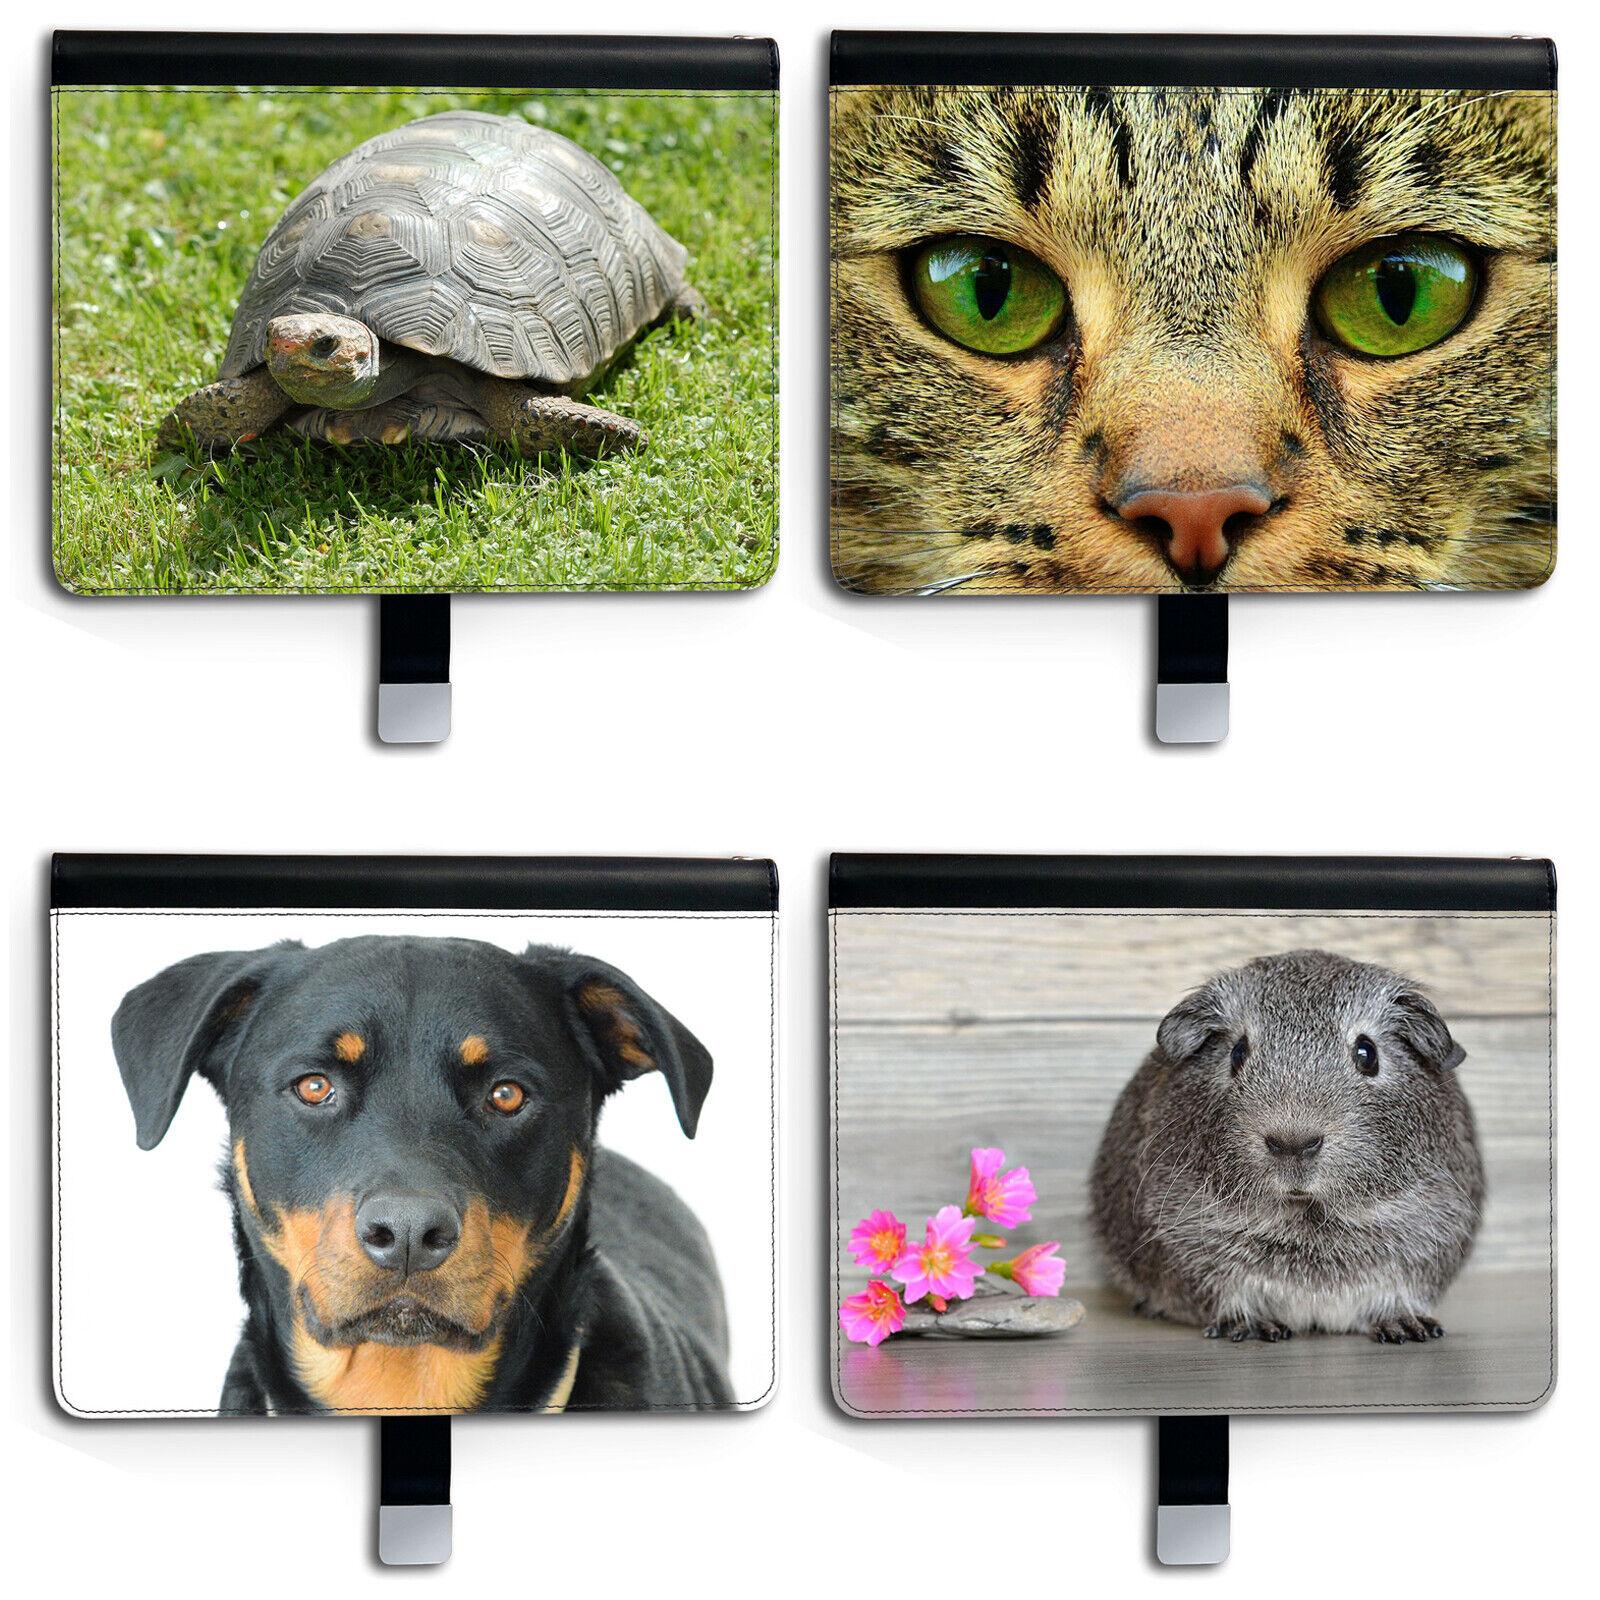 Hund Katze Leder Tablet Schutzhülle,360 Drehgelenk Flip Schutzhülle für Apple